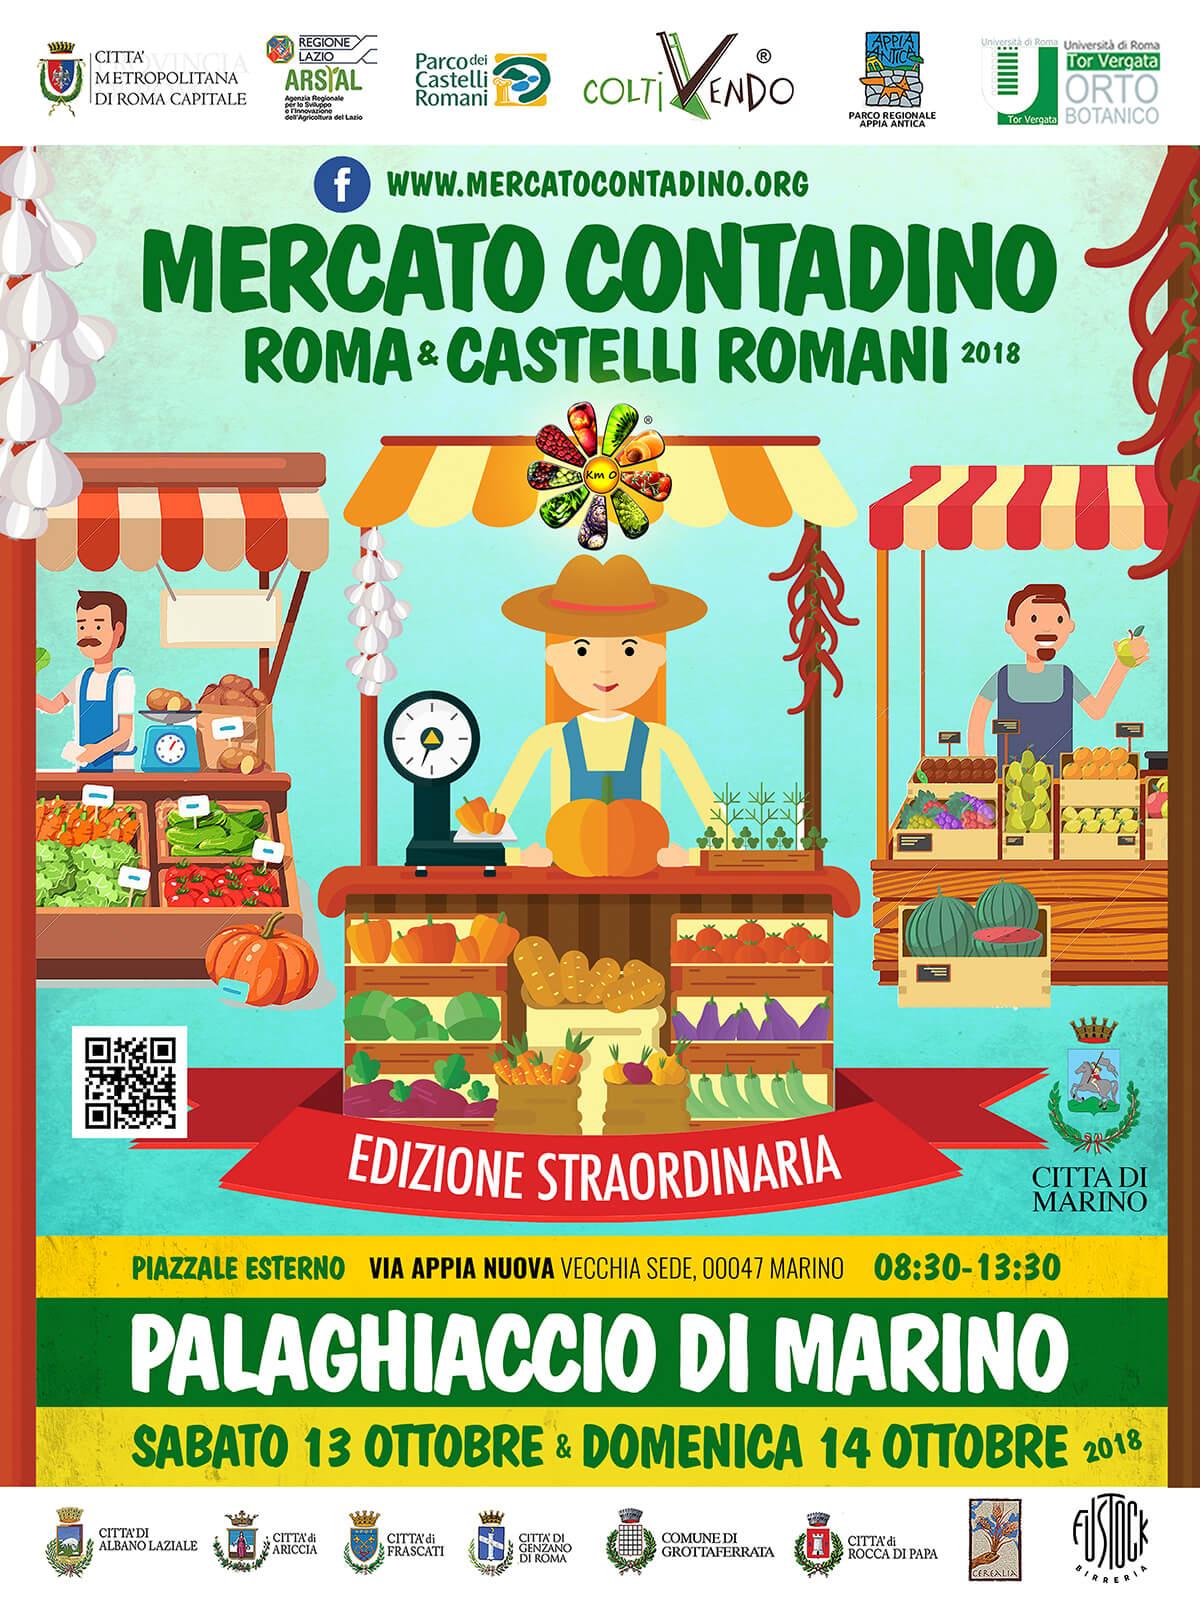 IL MERCATO CONTADINO SBARCA AL PALAGHIACCIO DI MARINO. 13 e 14 OTTOBRE 2018